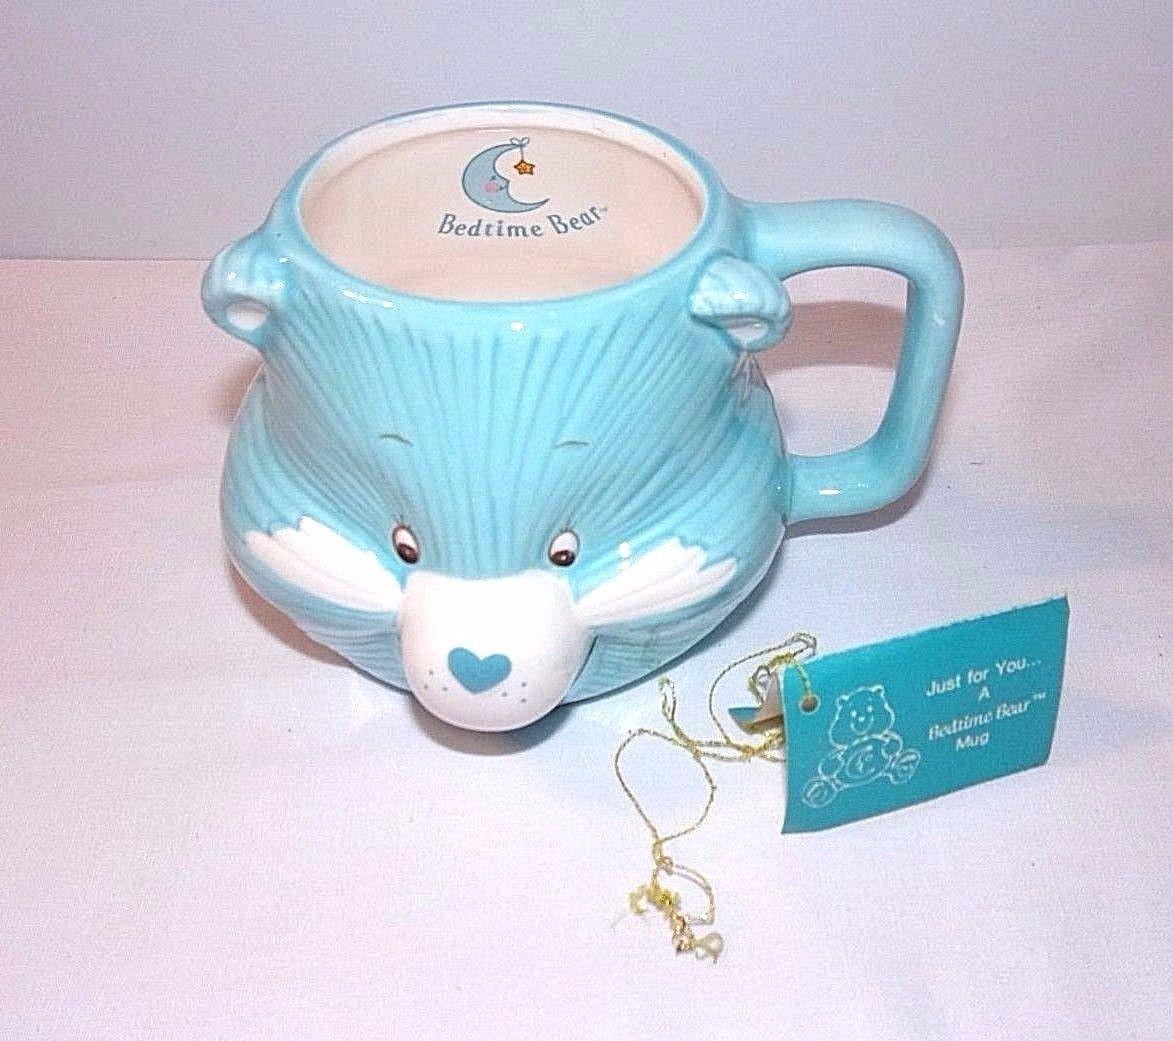 Care Bears 3D Relief MUG Vintage WITH ORIGINAL TAG Blue Bedtime Bear 1984 Mug - $22.72